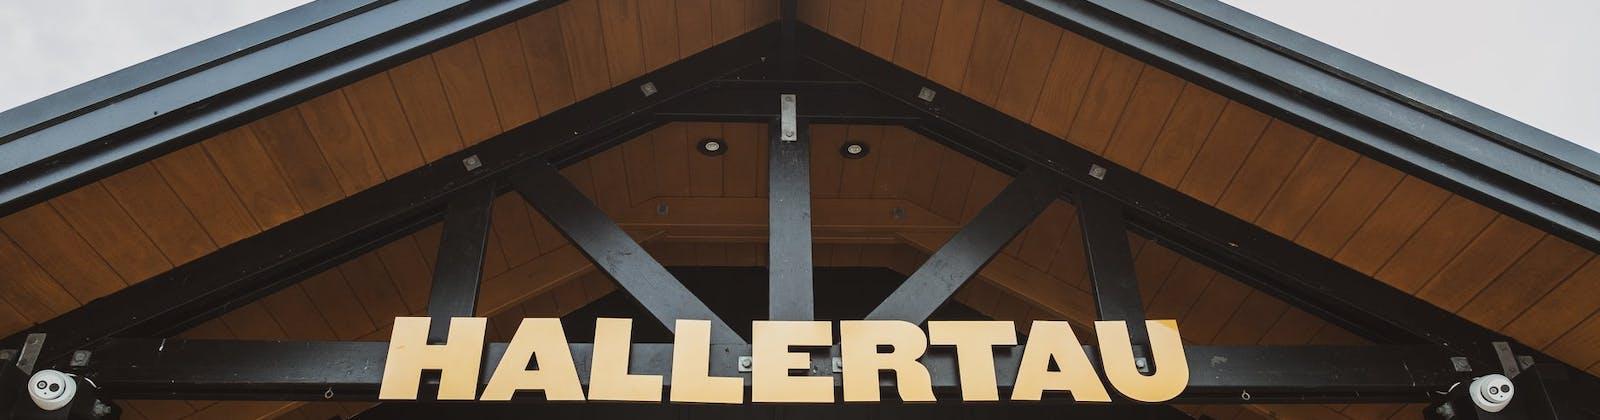 Hallertau Brewery & Biergarten in Clevedon